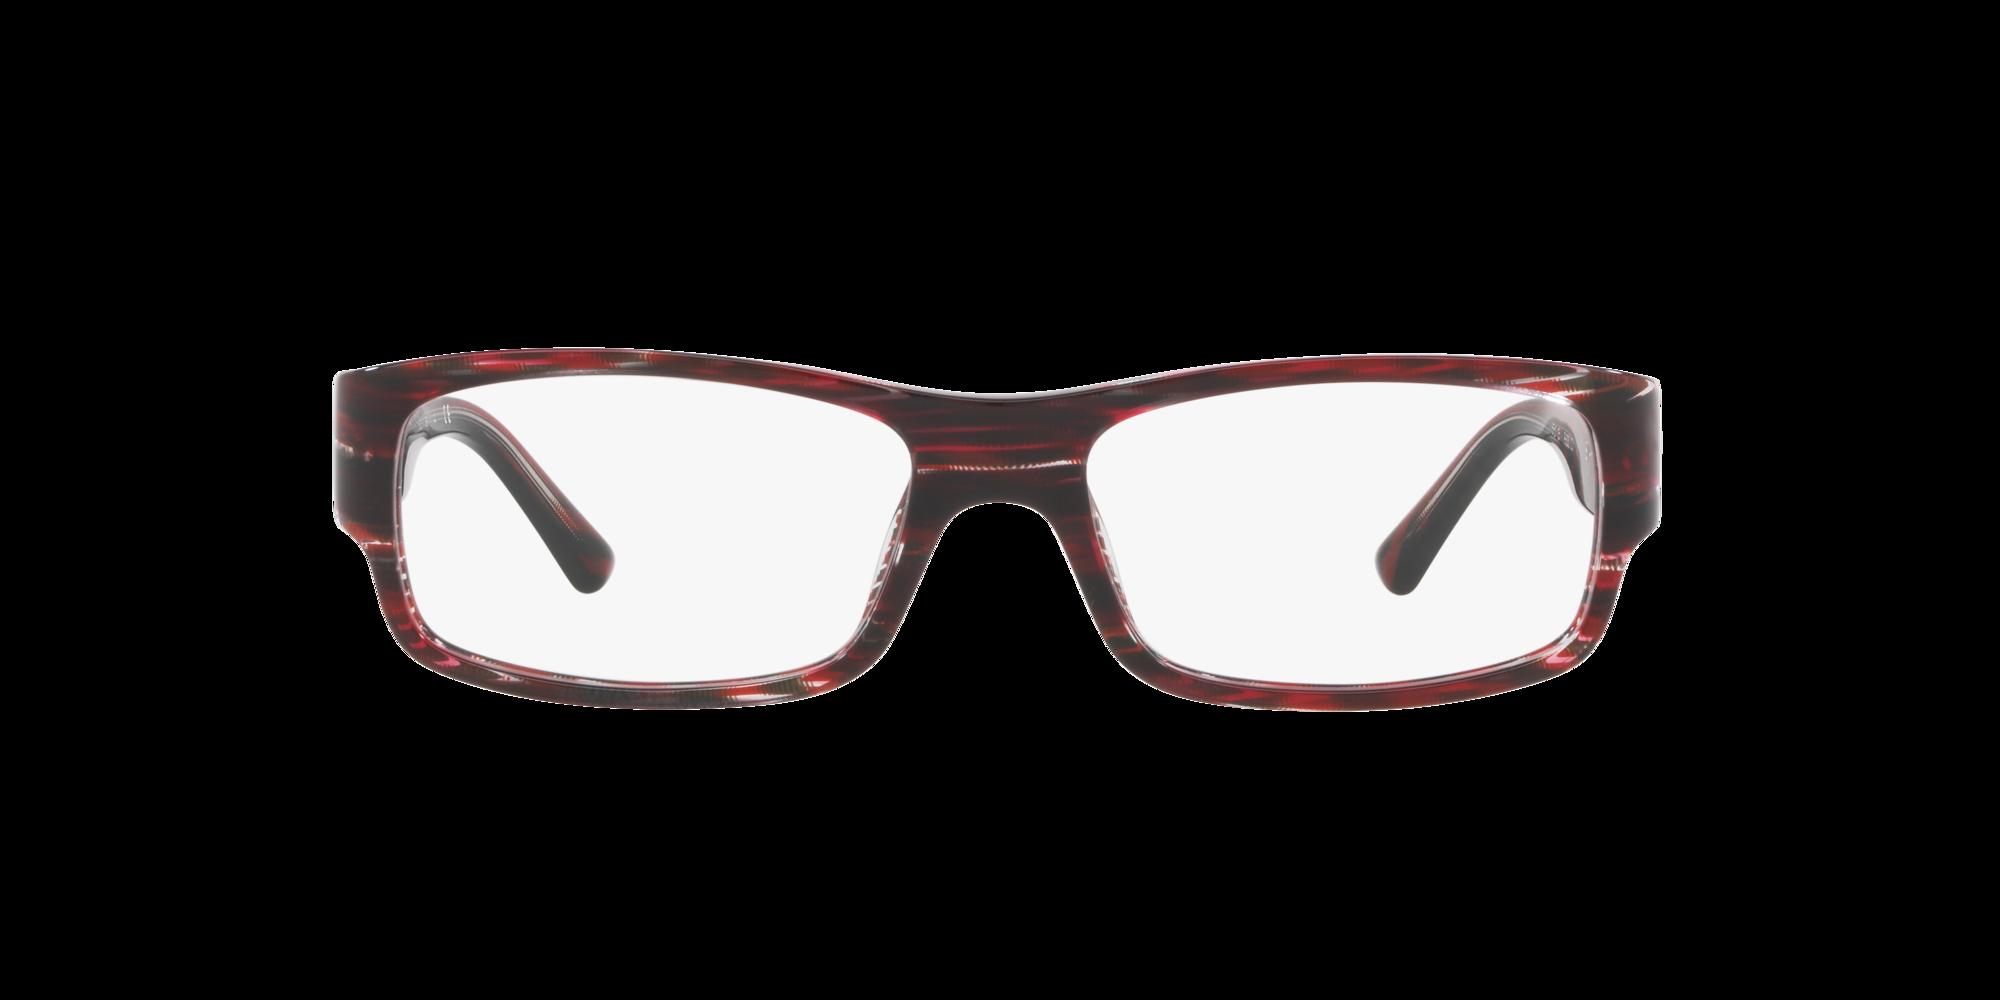 Imagen para SH3052 de LensCrafters |  Espejuelos, espejuelos graduados en línea, gafas